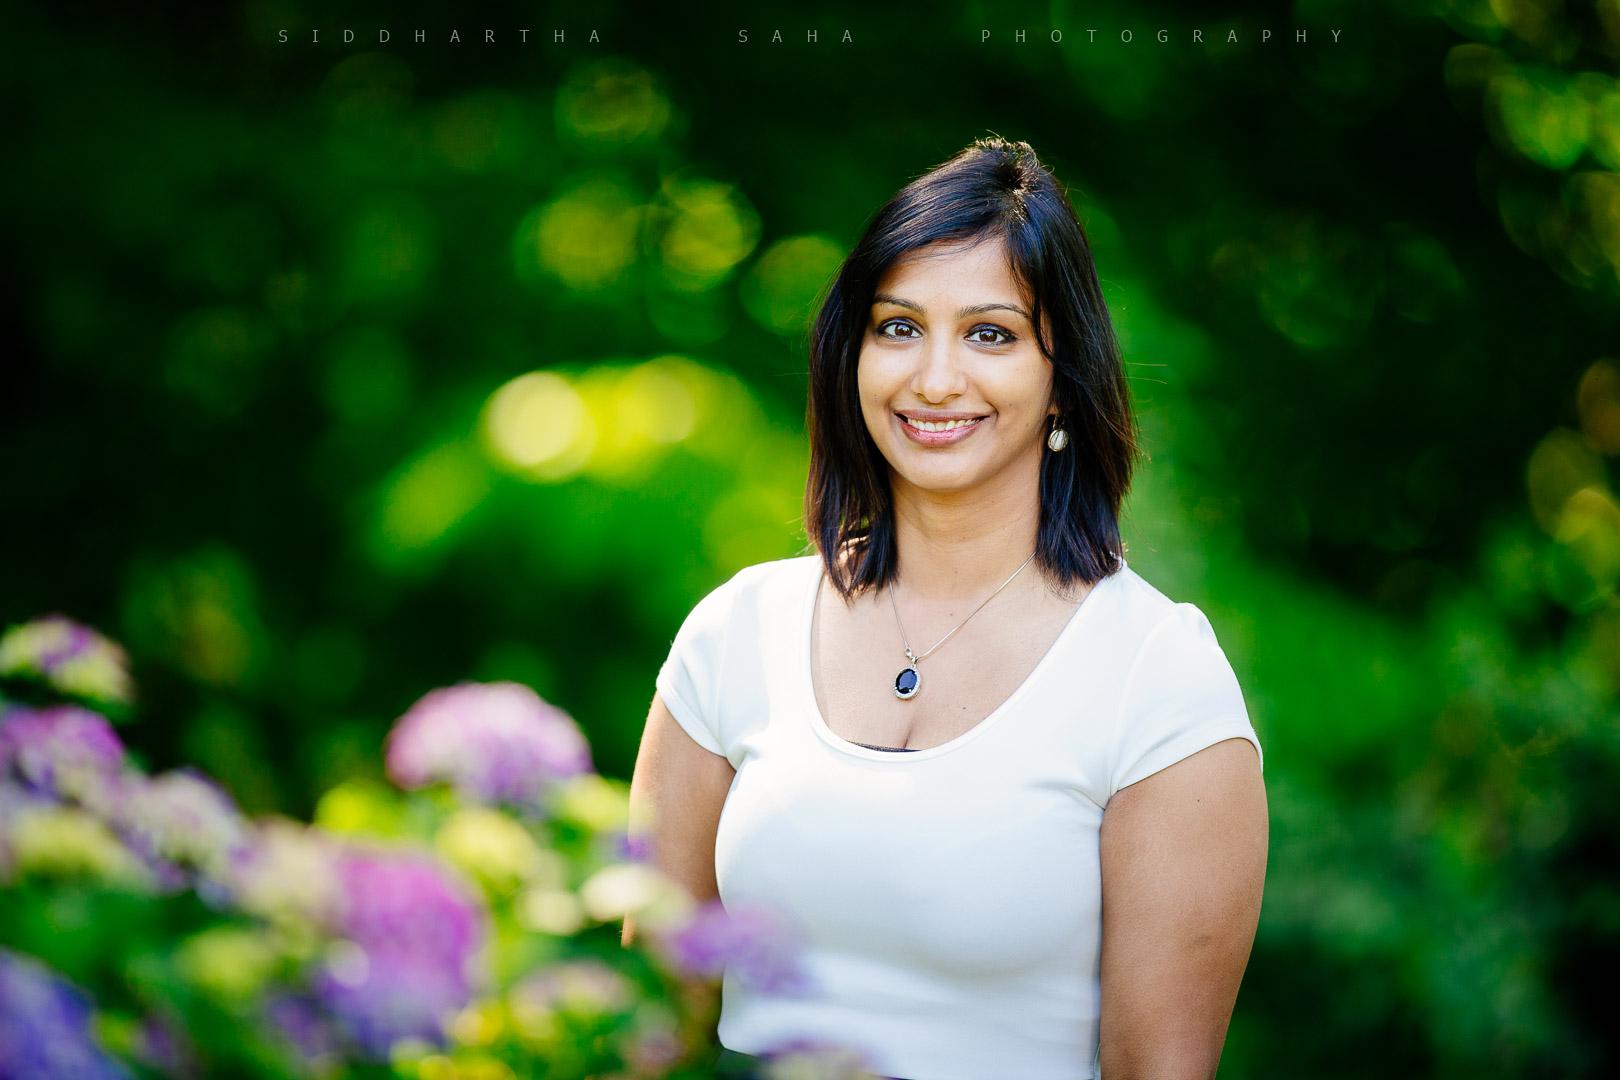 2015-06-14 - Ranjani Naveen Vihaan Photoshoot - _05Y6468